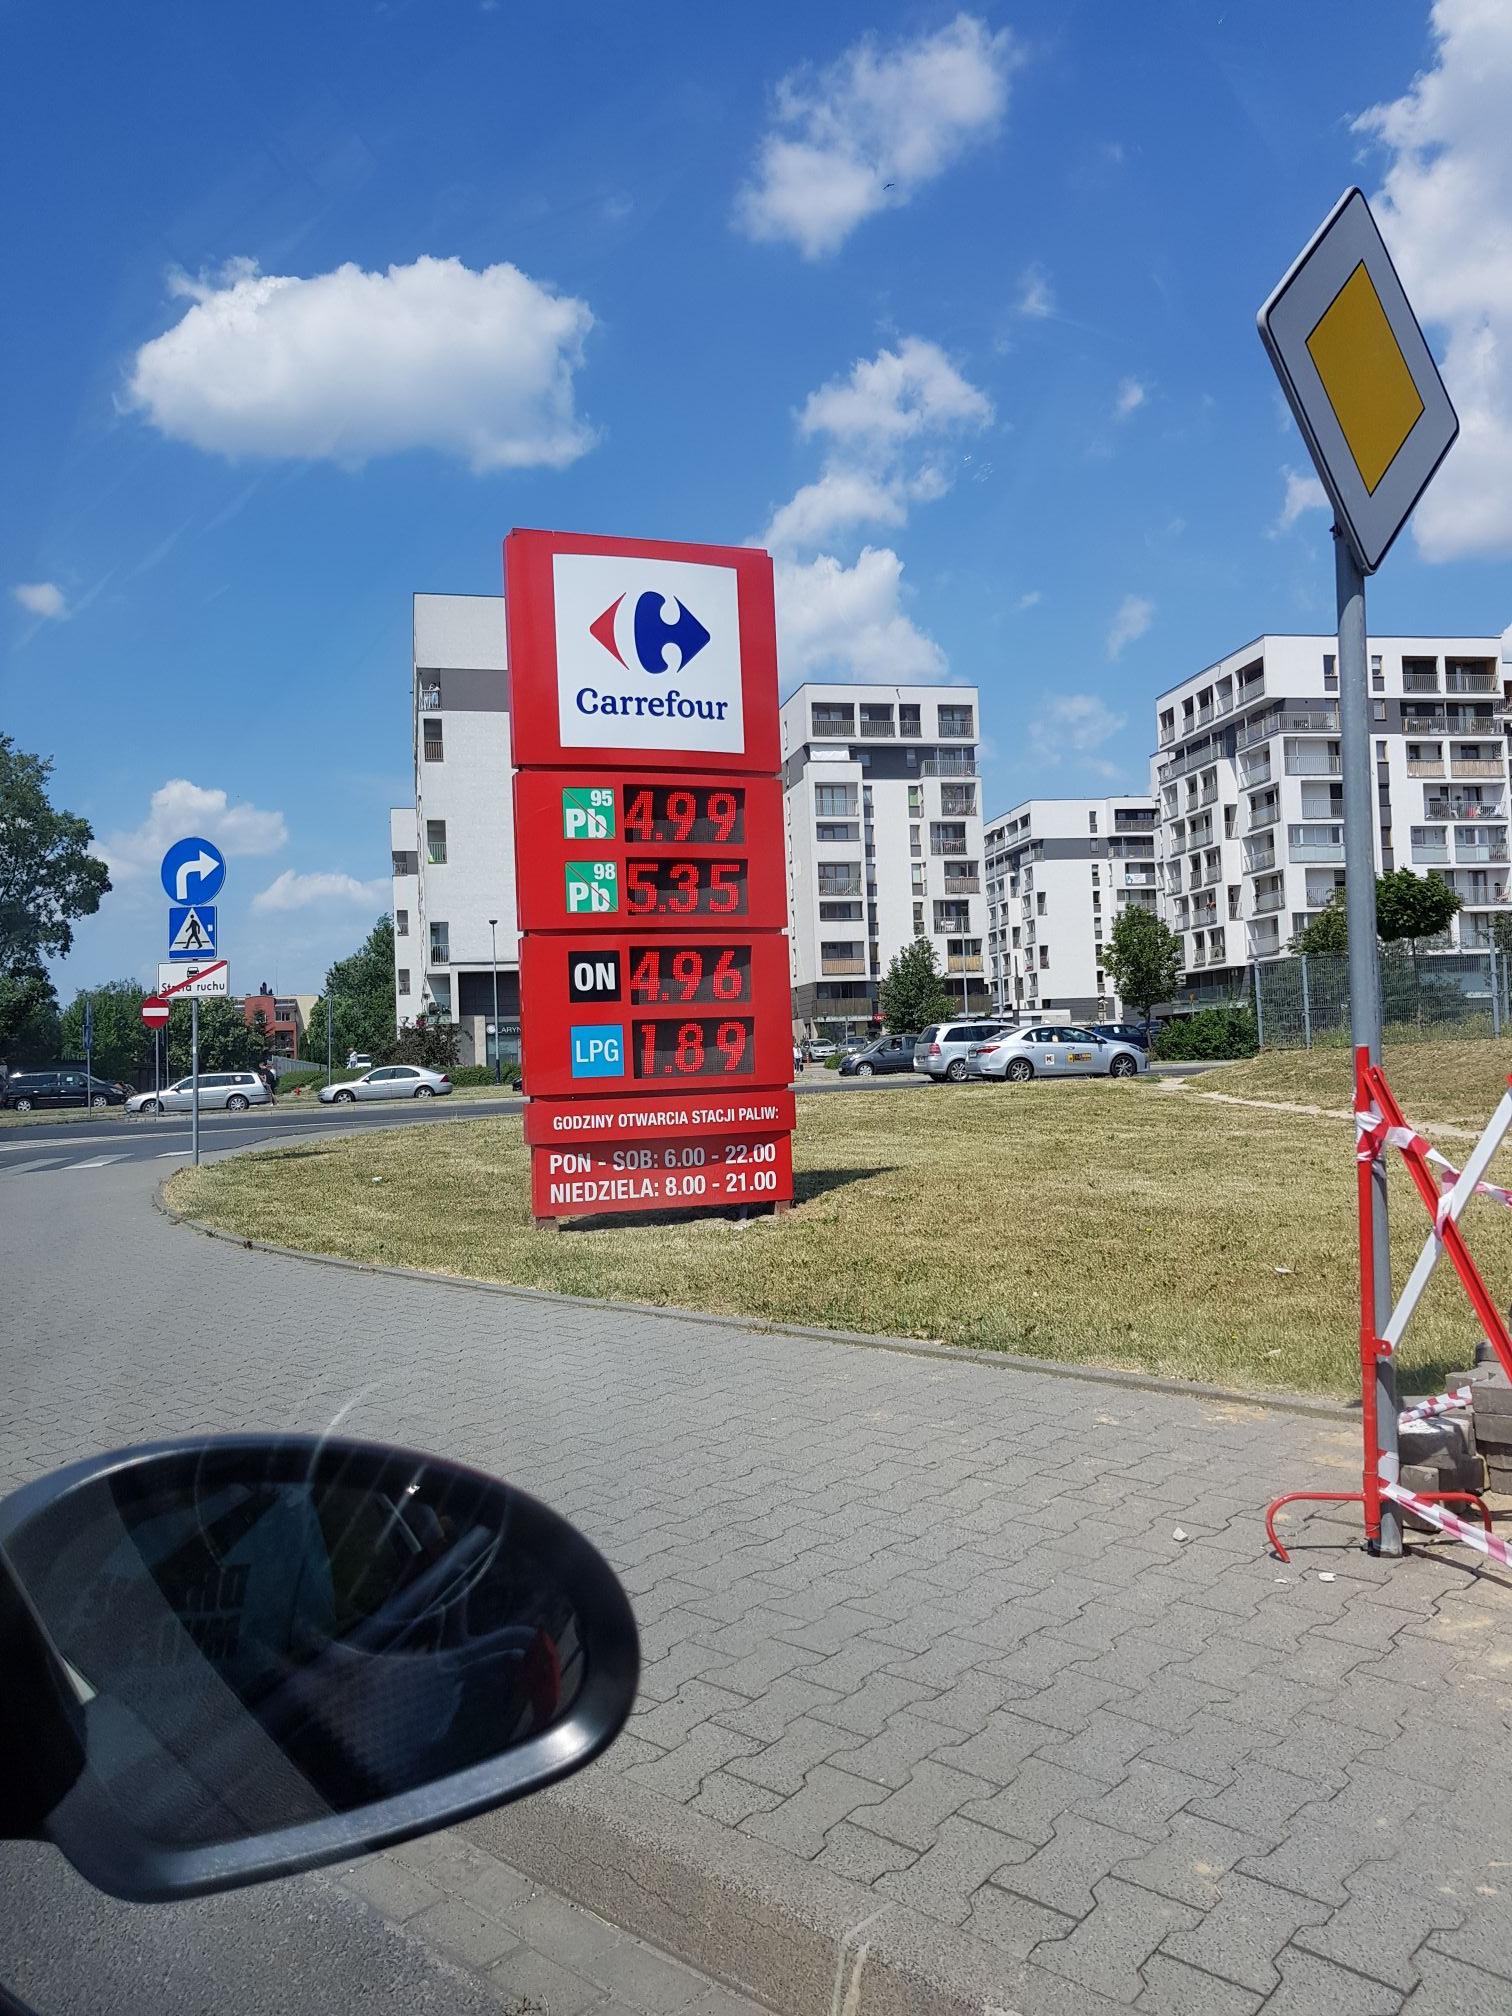 Gaz 1.89, 95 4.99 Kraków- Carrefour Czyżyny